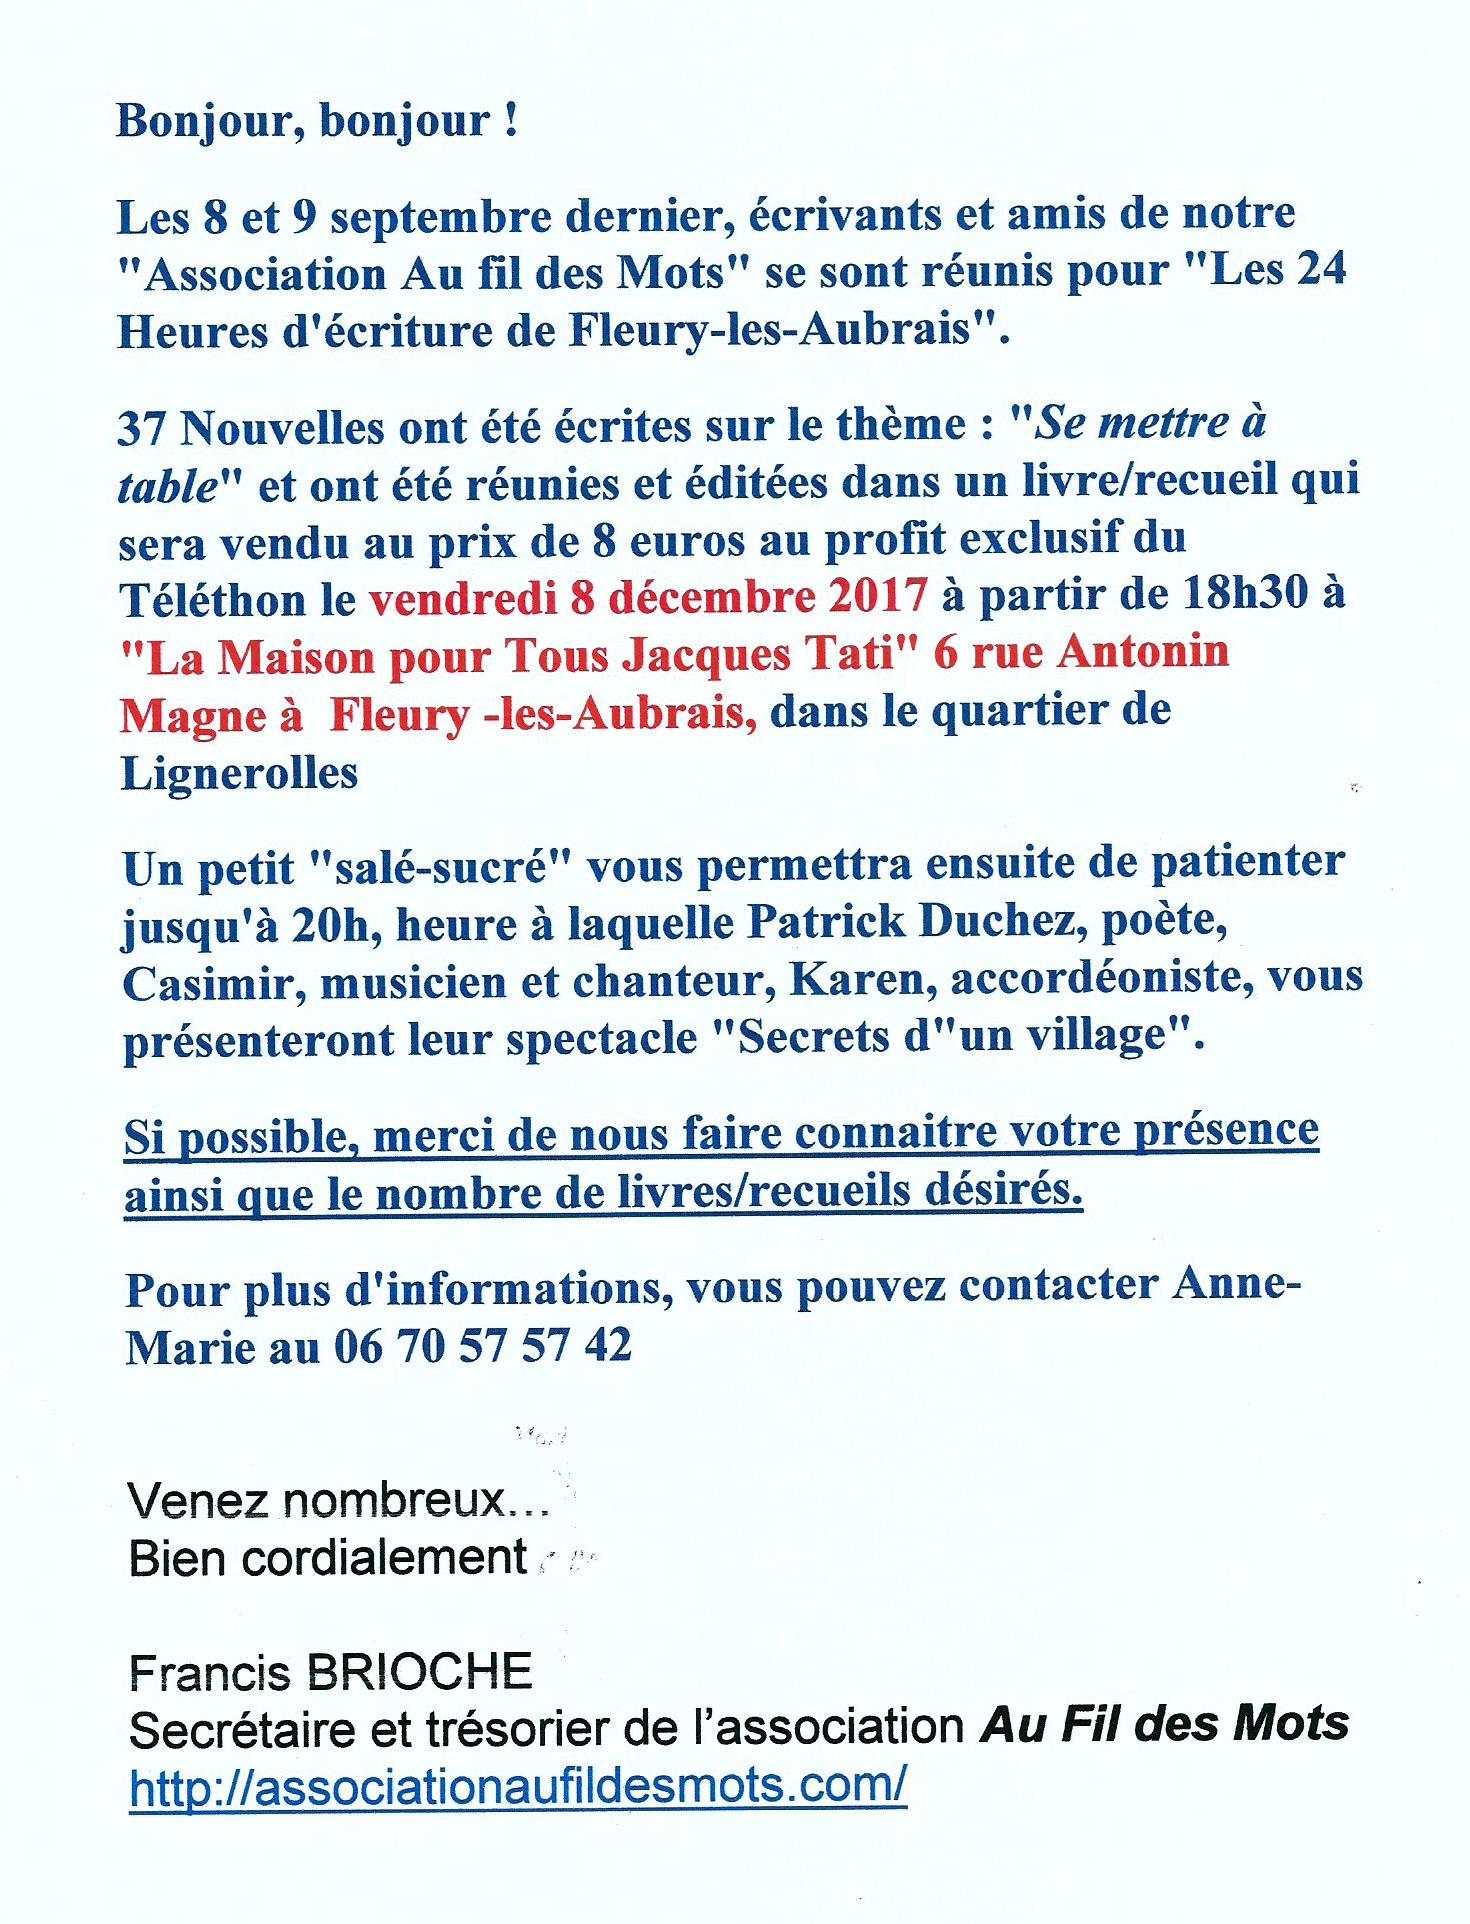 Scan Affiche Au Fil des Mots Les 24 heures d'Ecriture De fleury (2).jpg